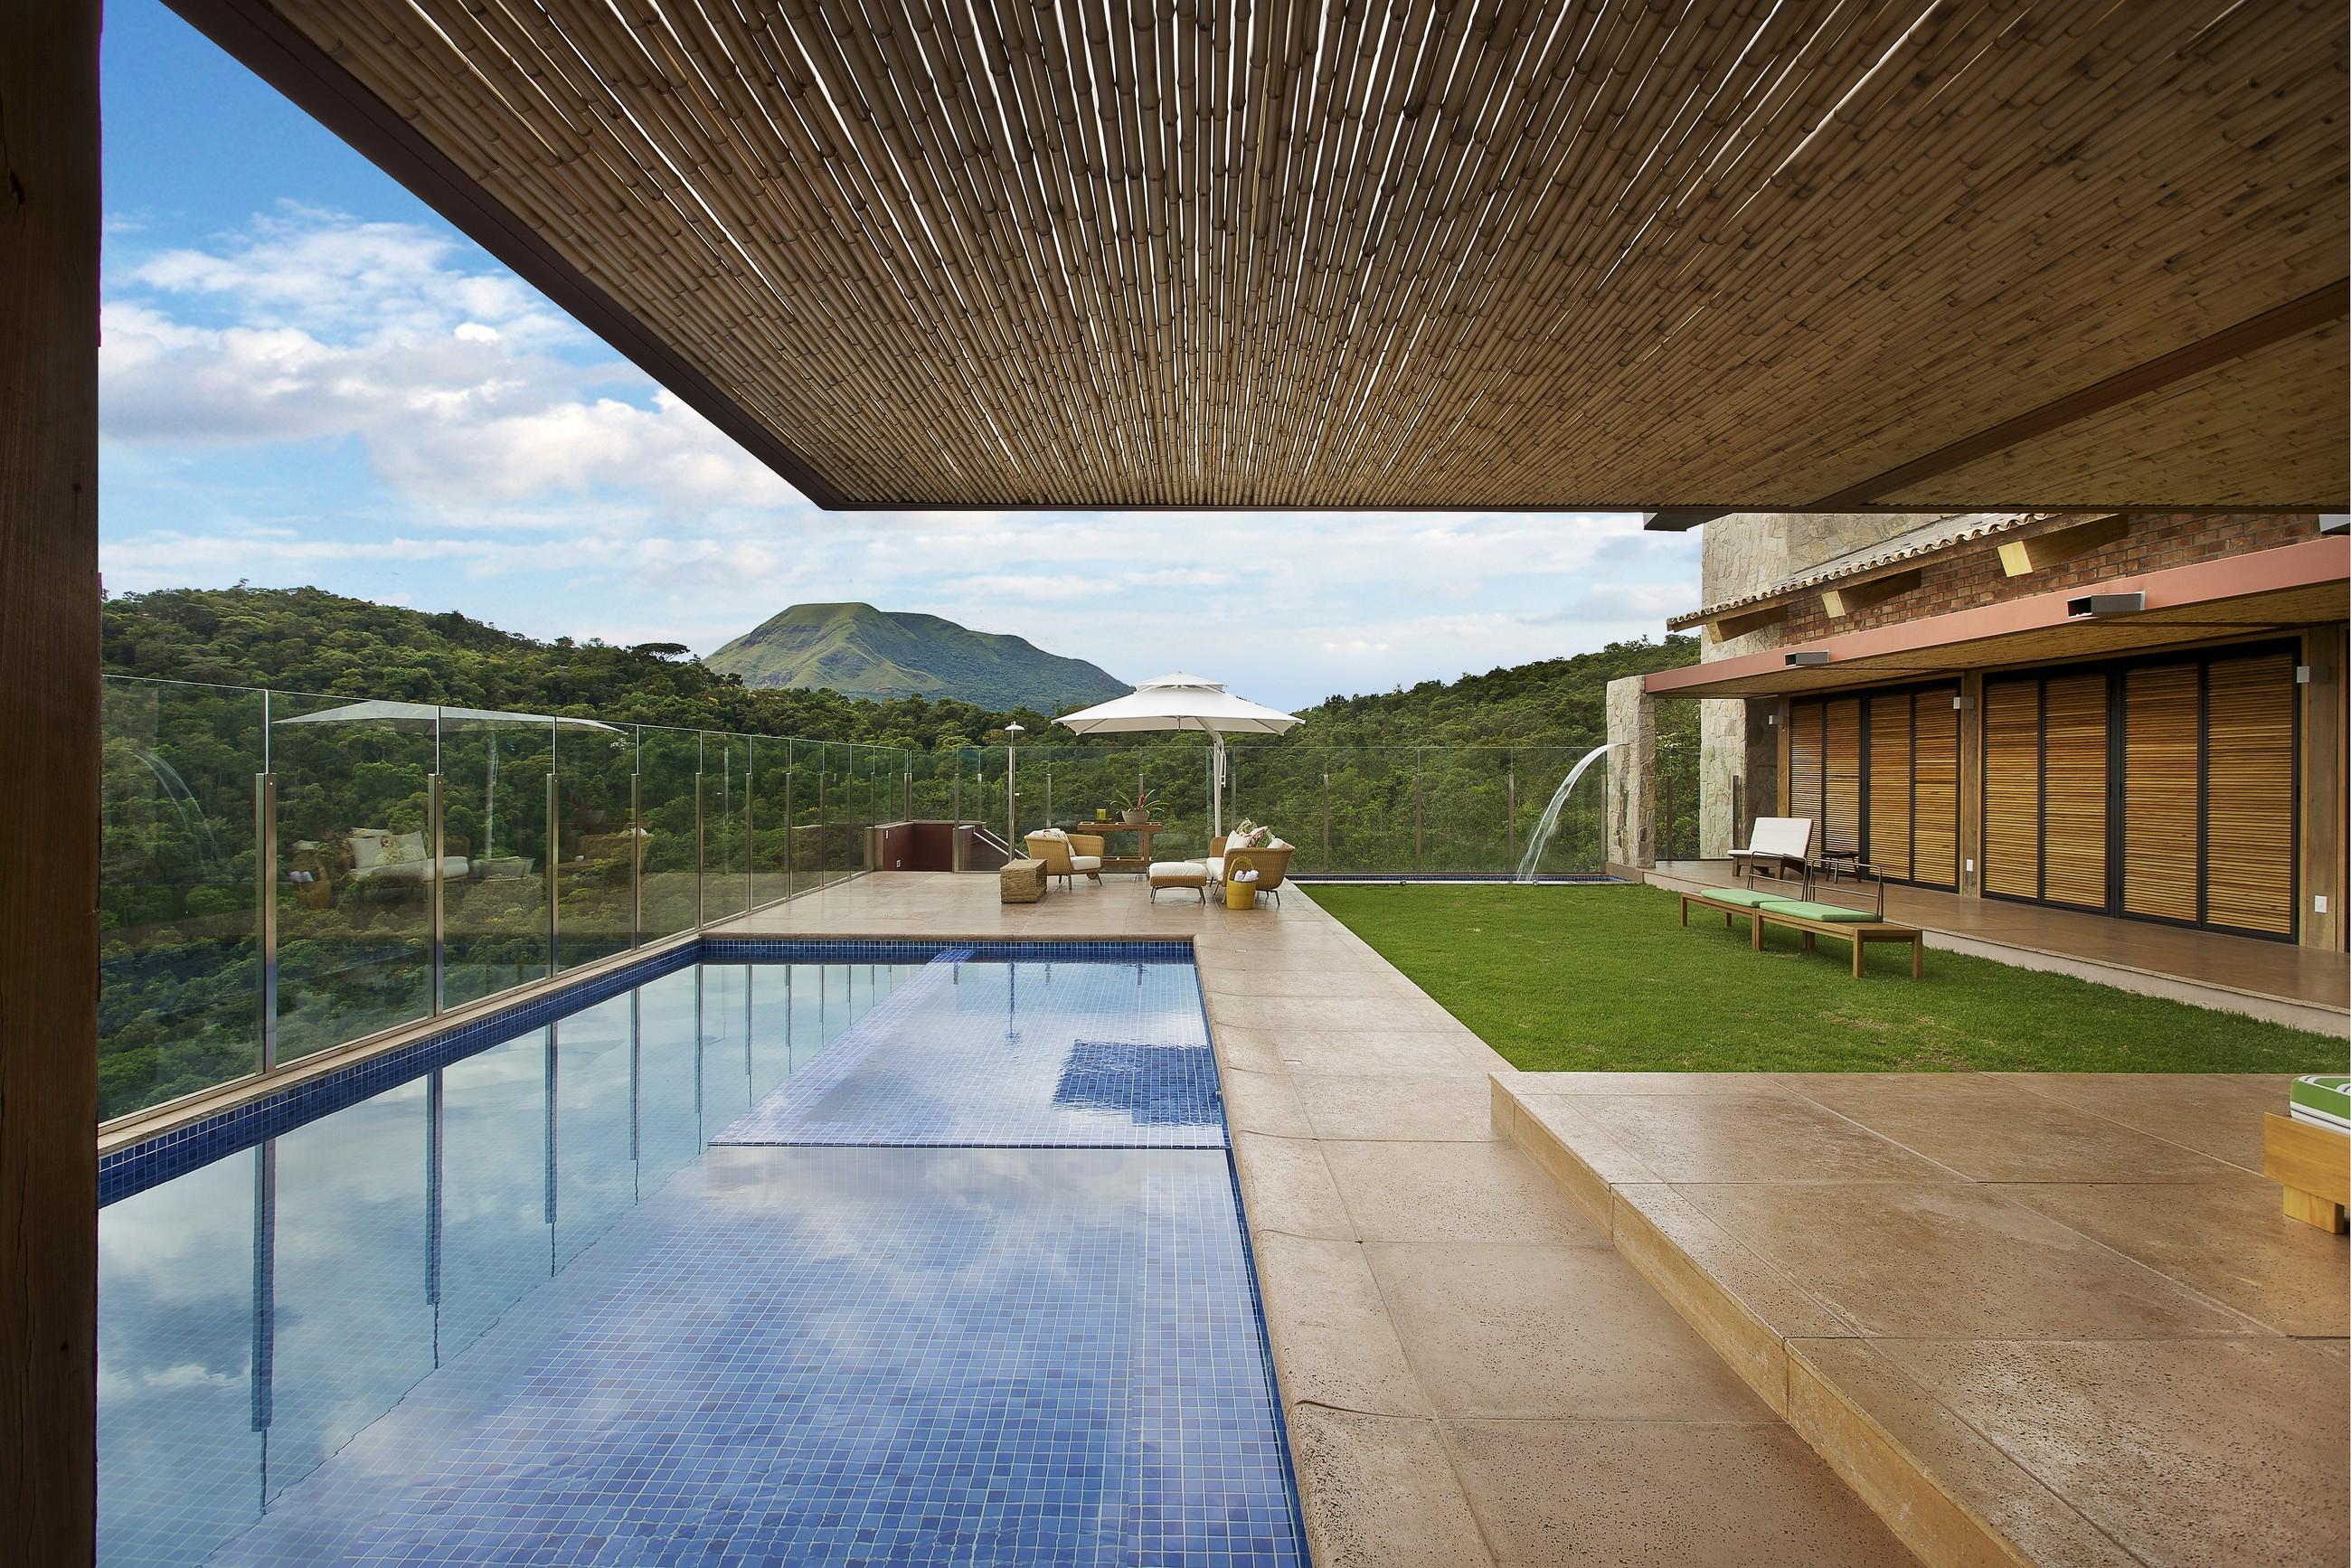 David guerra architecture and interior